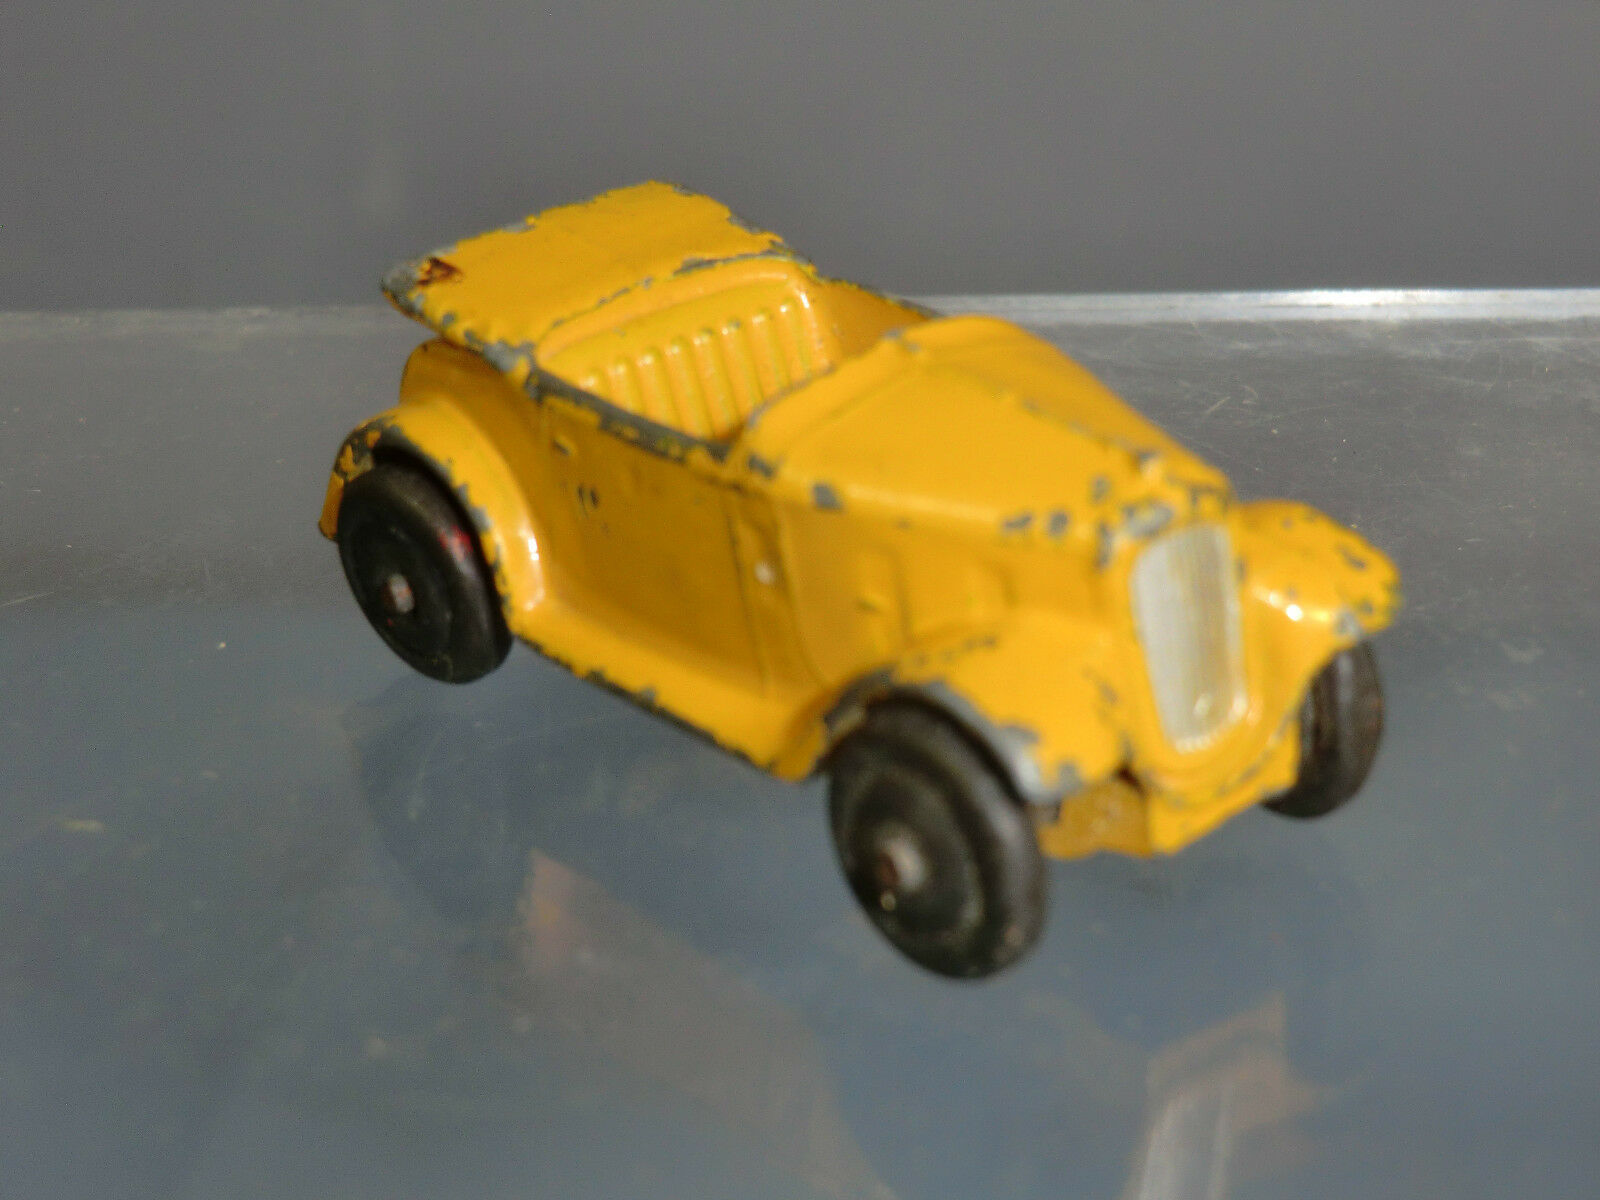 Vintage Dinky Toys Modelo No.35d Austin 7 Open tourer (giallo versión)  raros